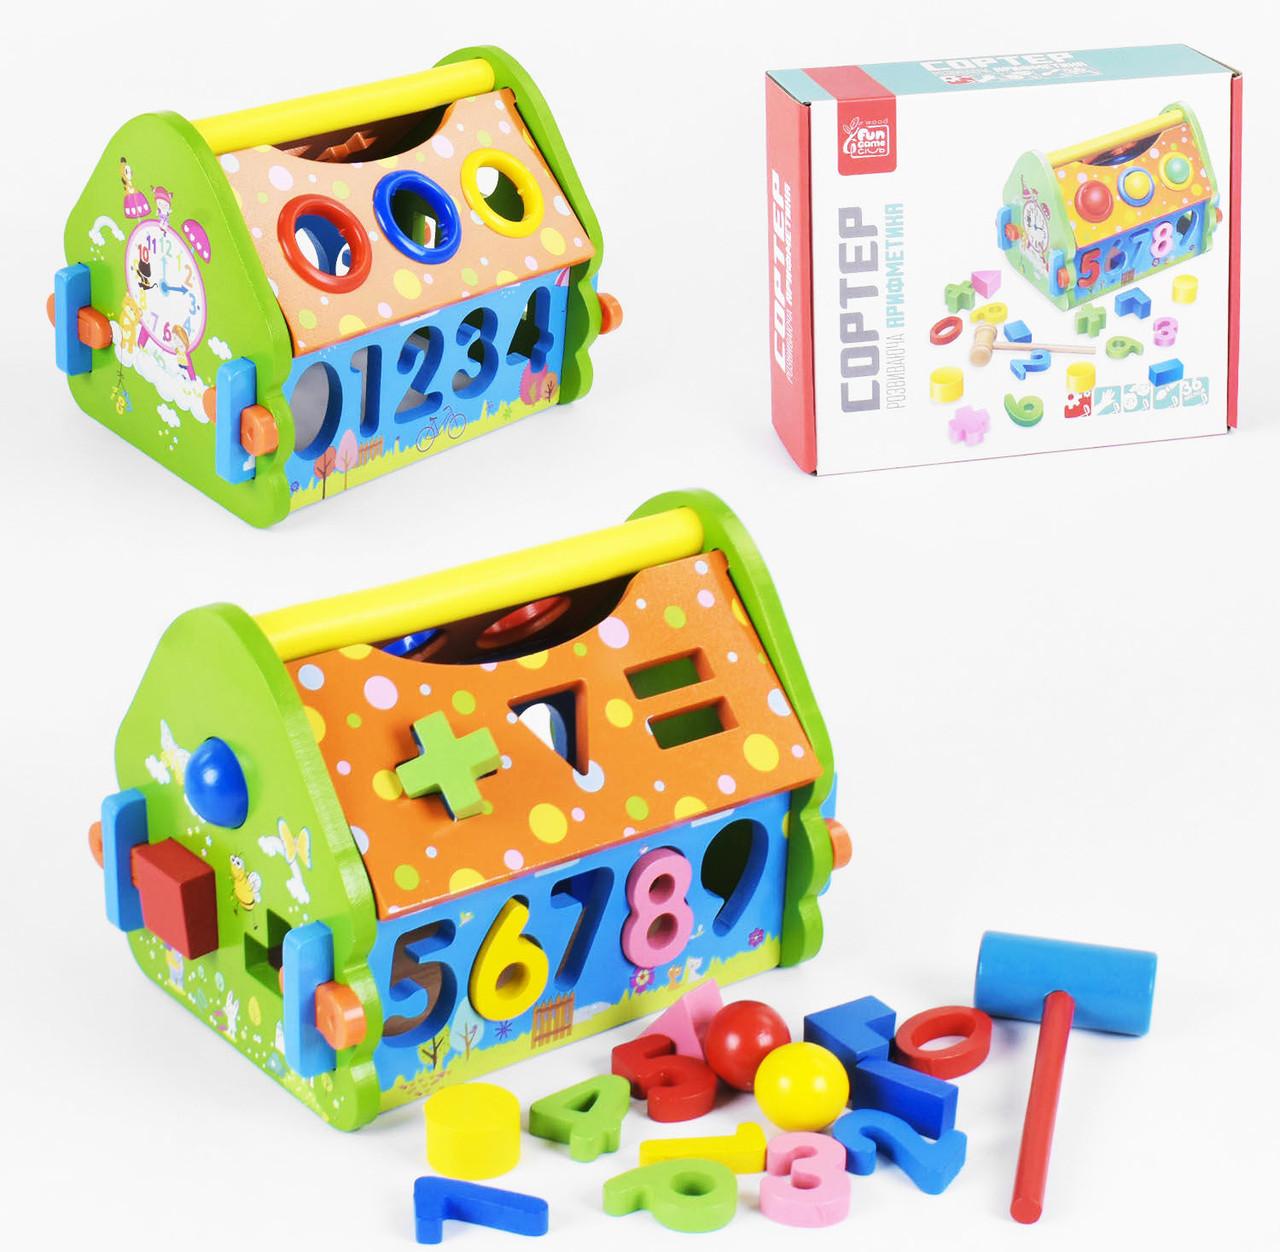 Детский Деревянный сортер Арифметика логический разборной домик Fun Game